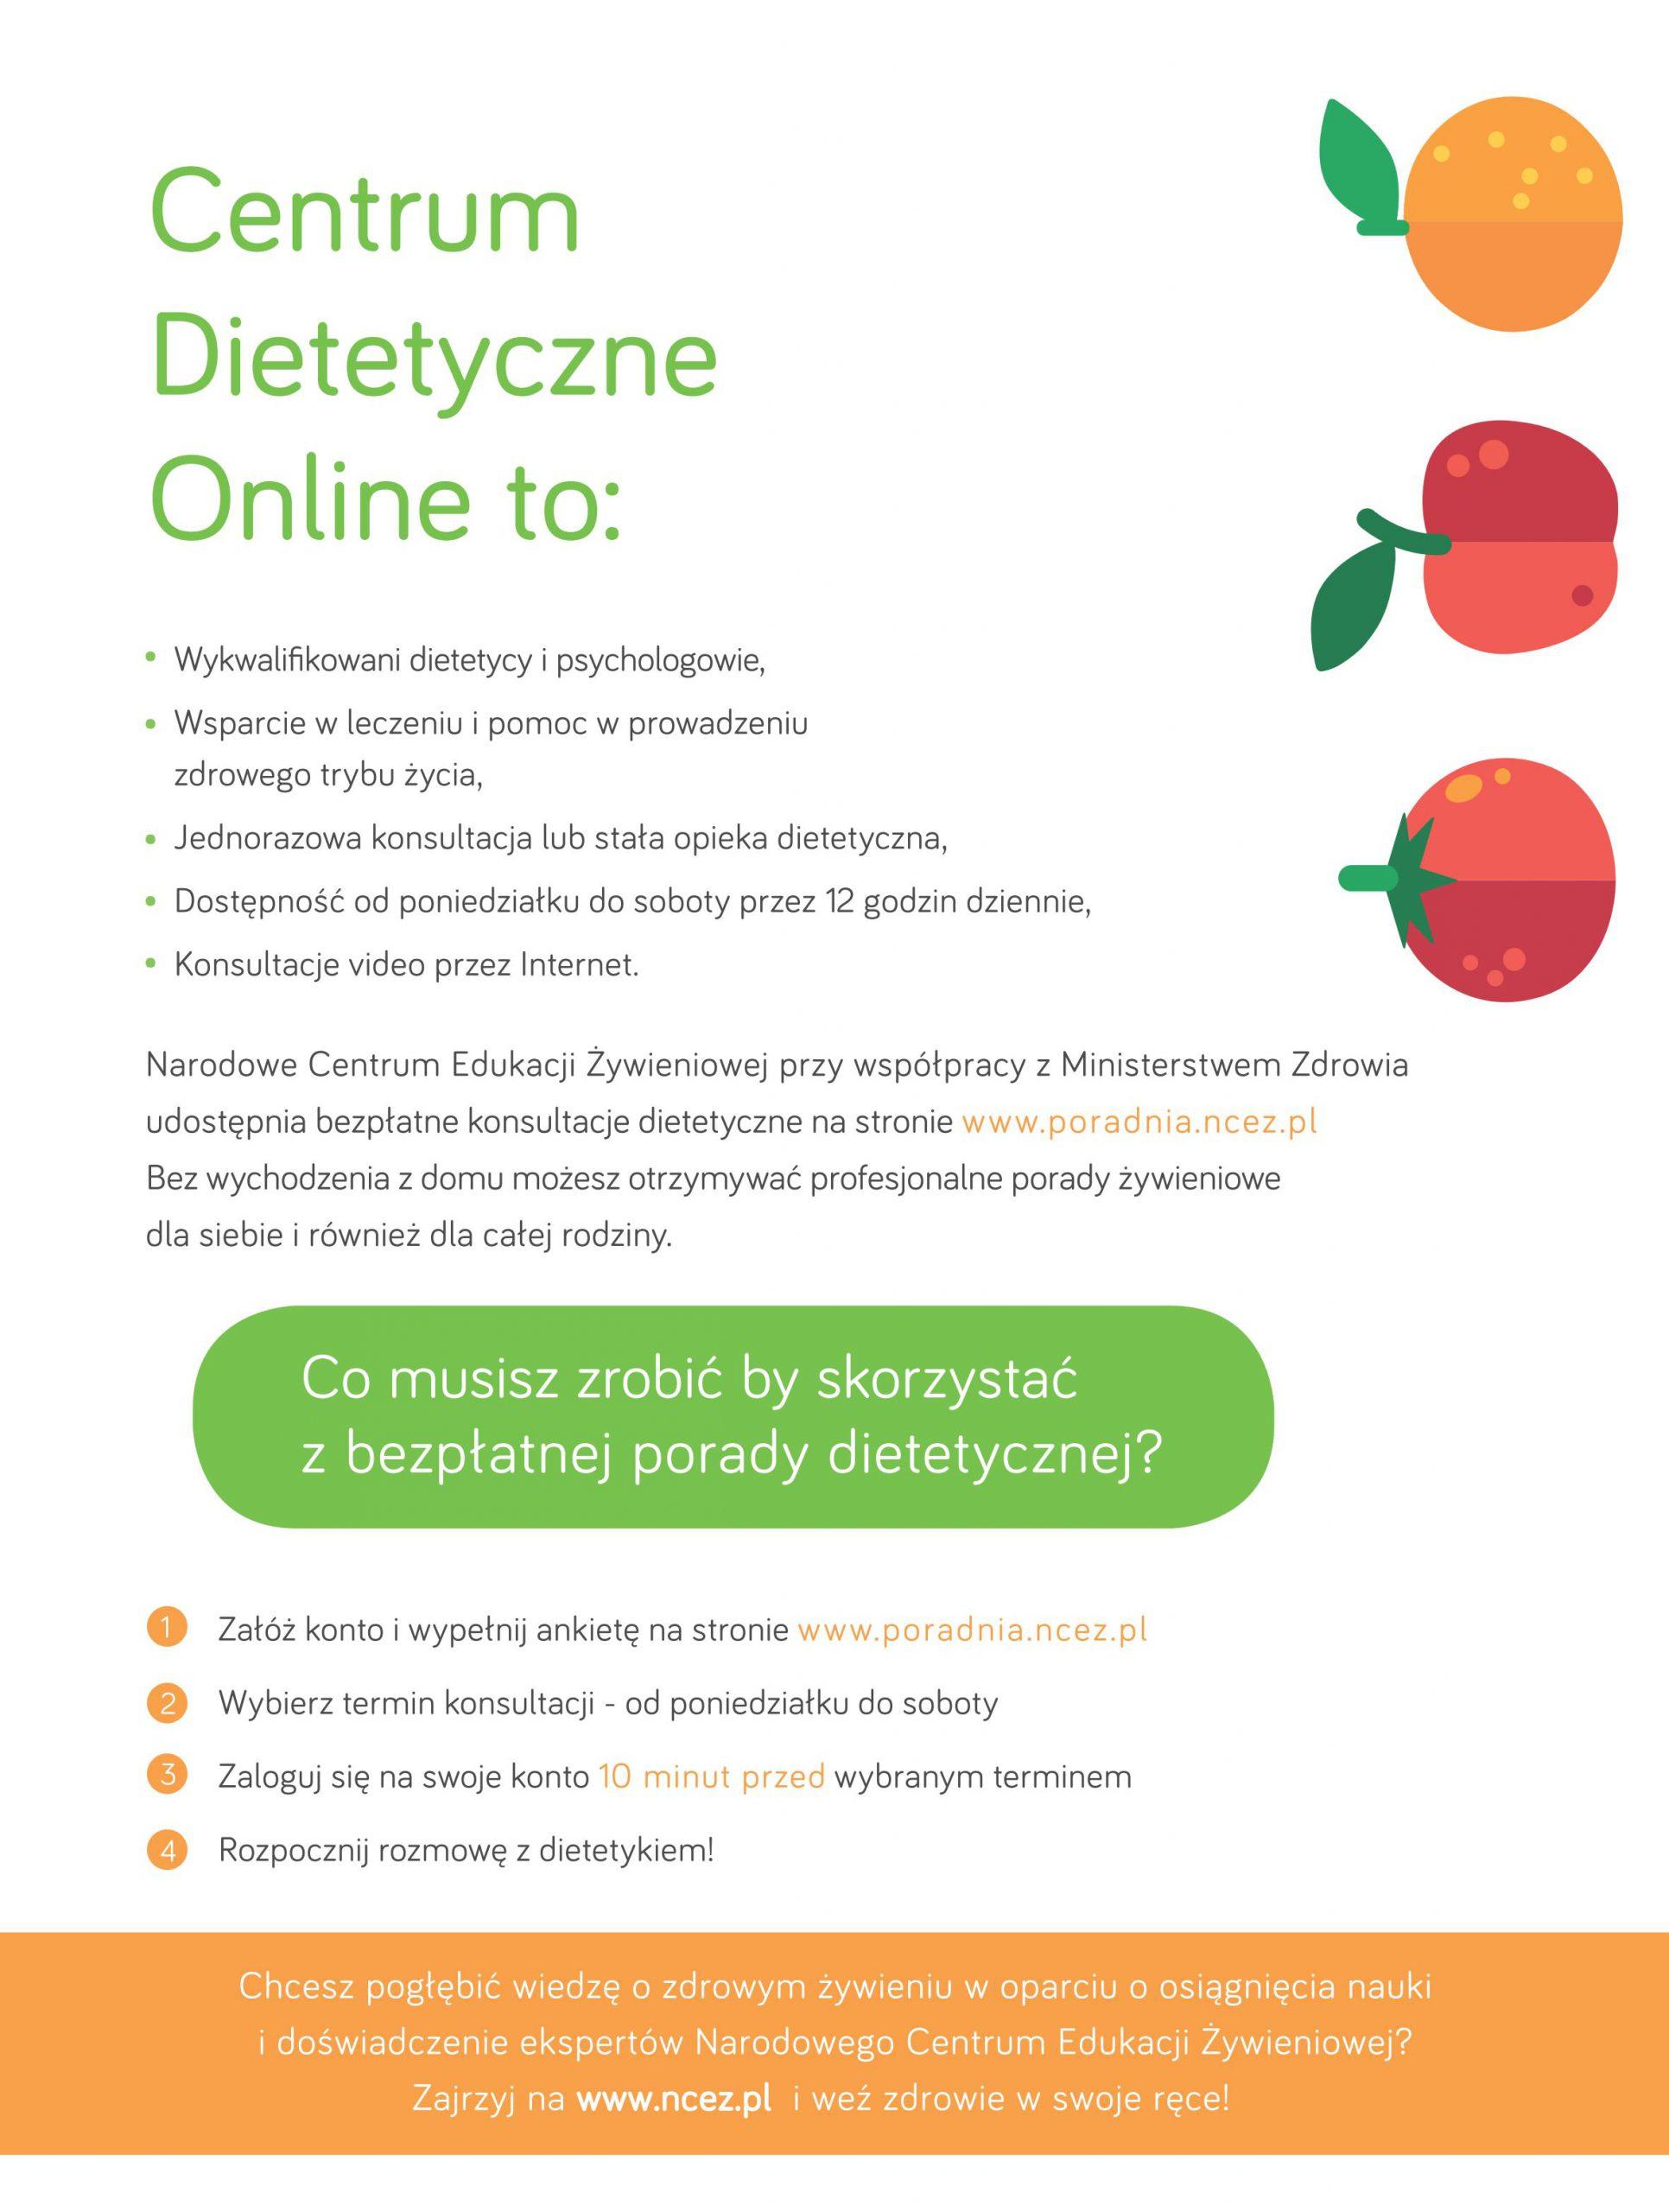 Centrum Dietetyczne Online